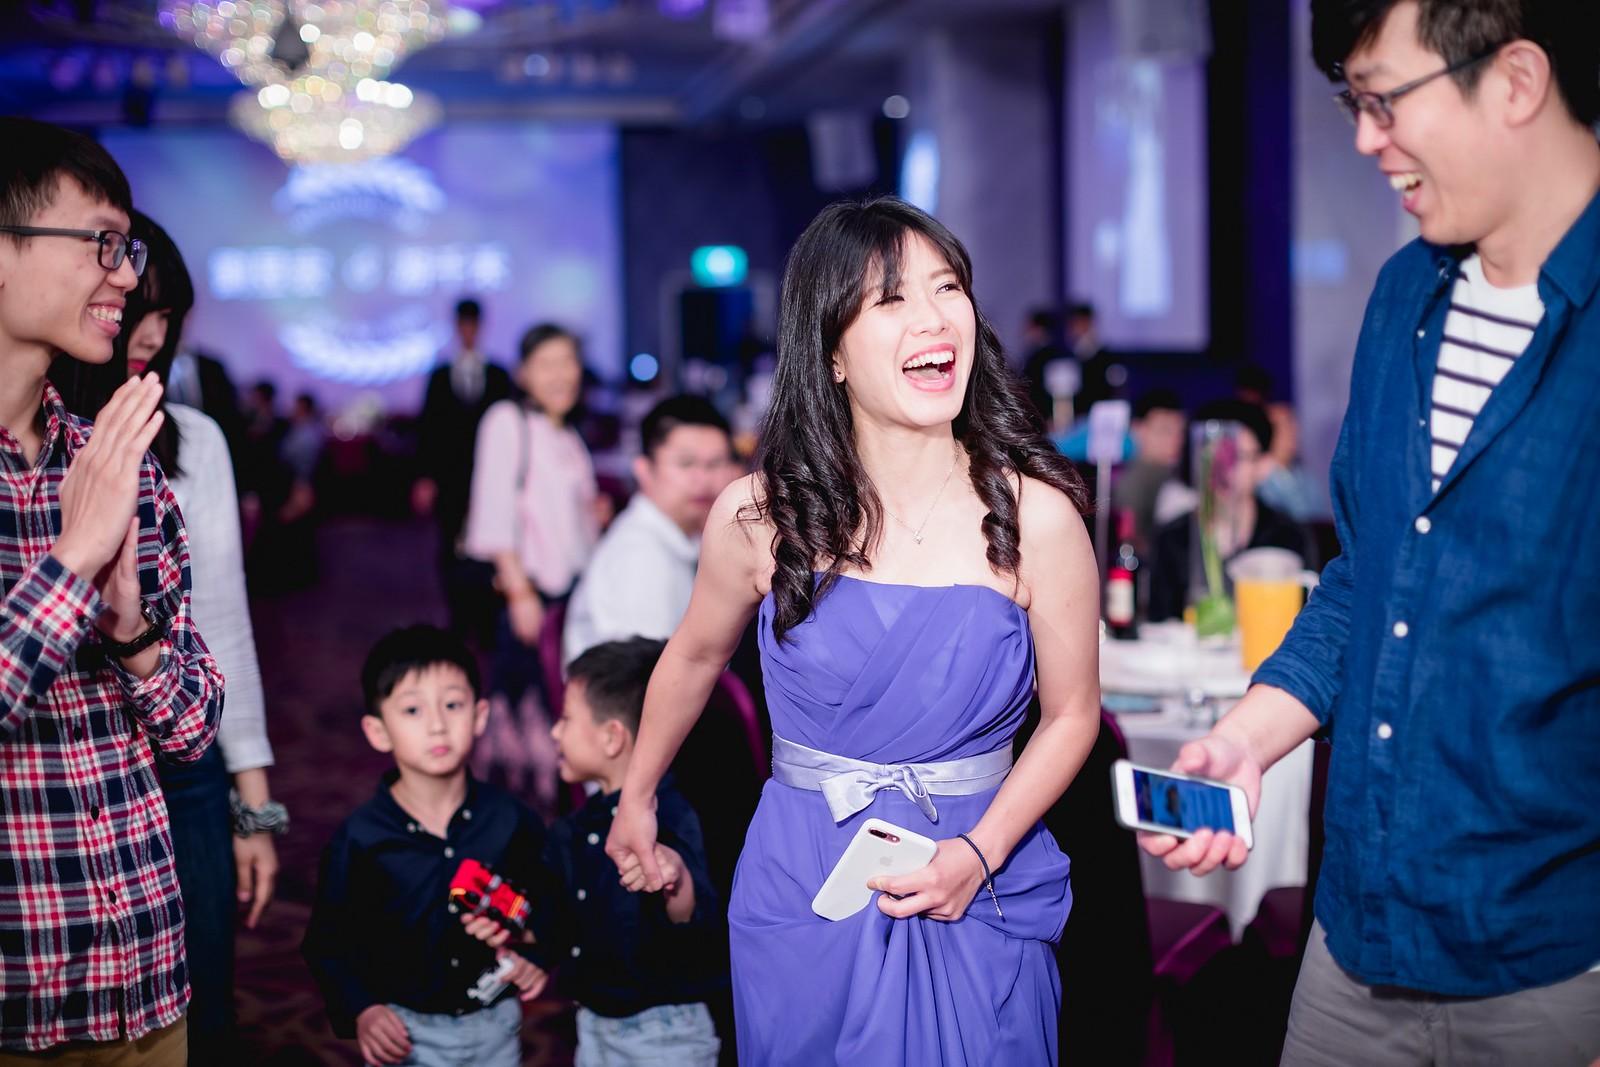 昱宏&千禾、婚禮_0388